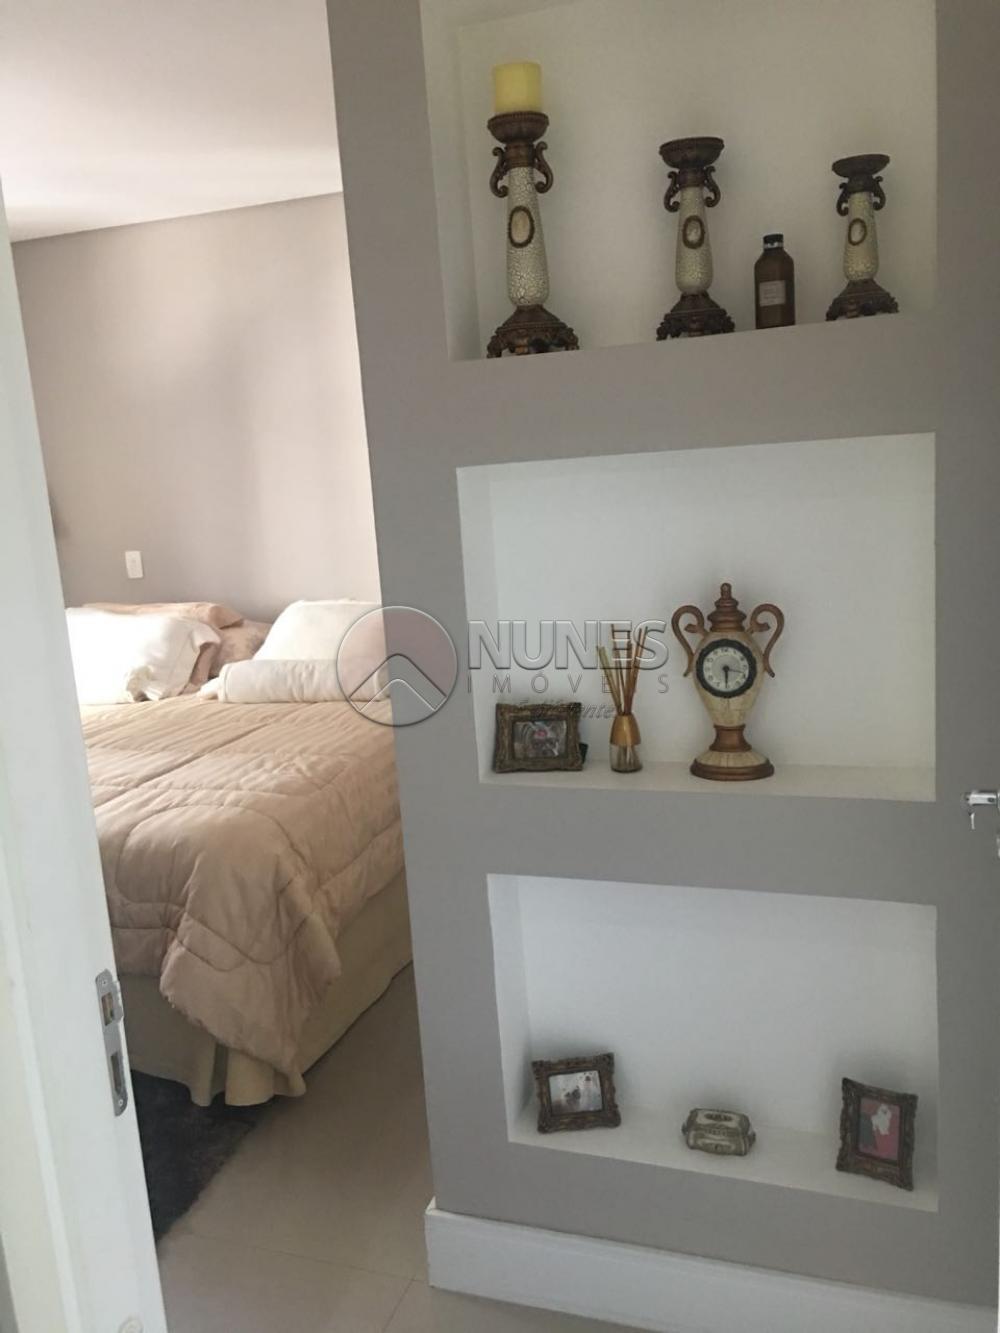 Comprar Apartamento / Padrão em Barueri apenas R$ 405.000,00 - Foto 5